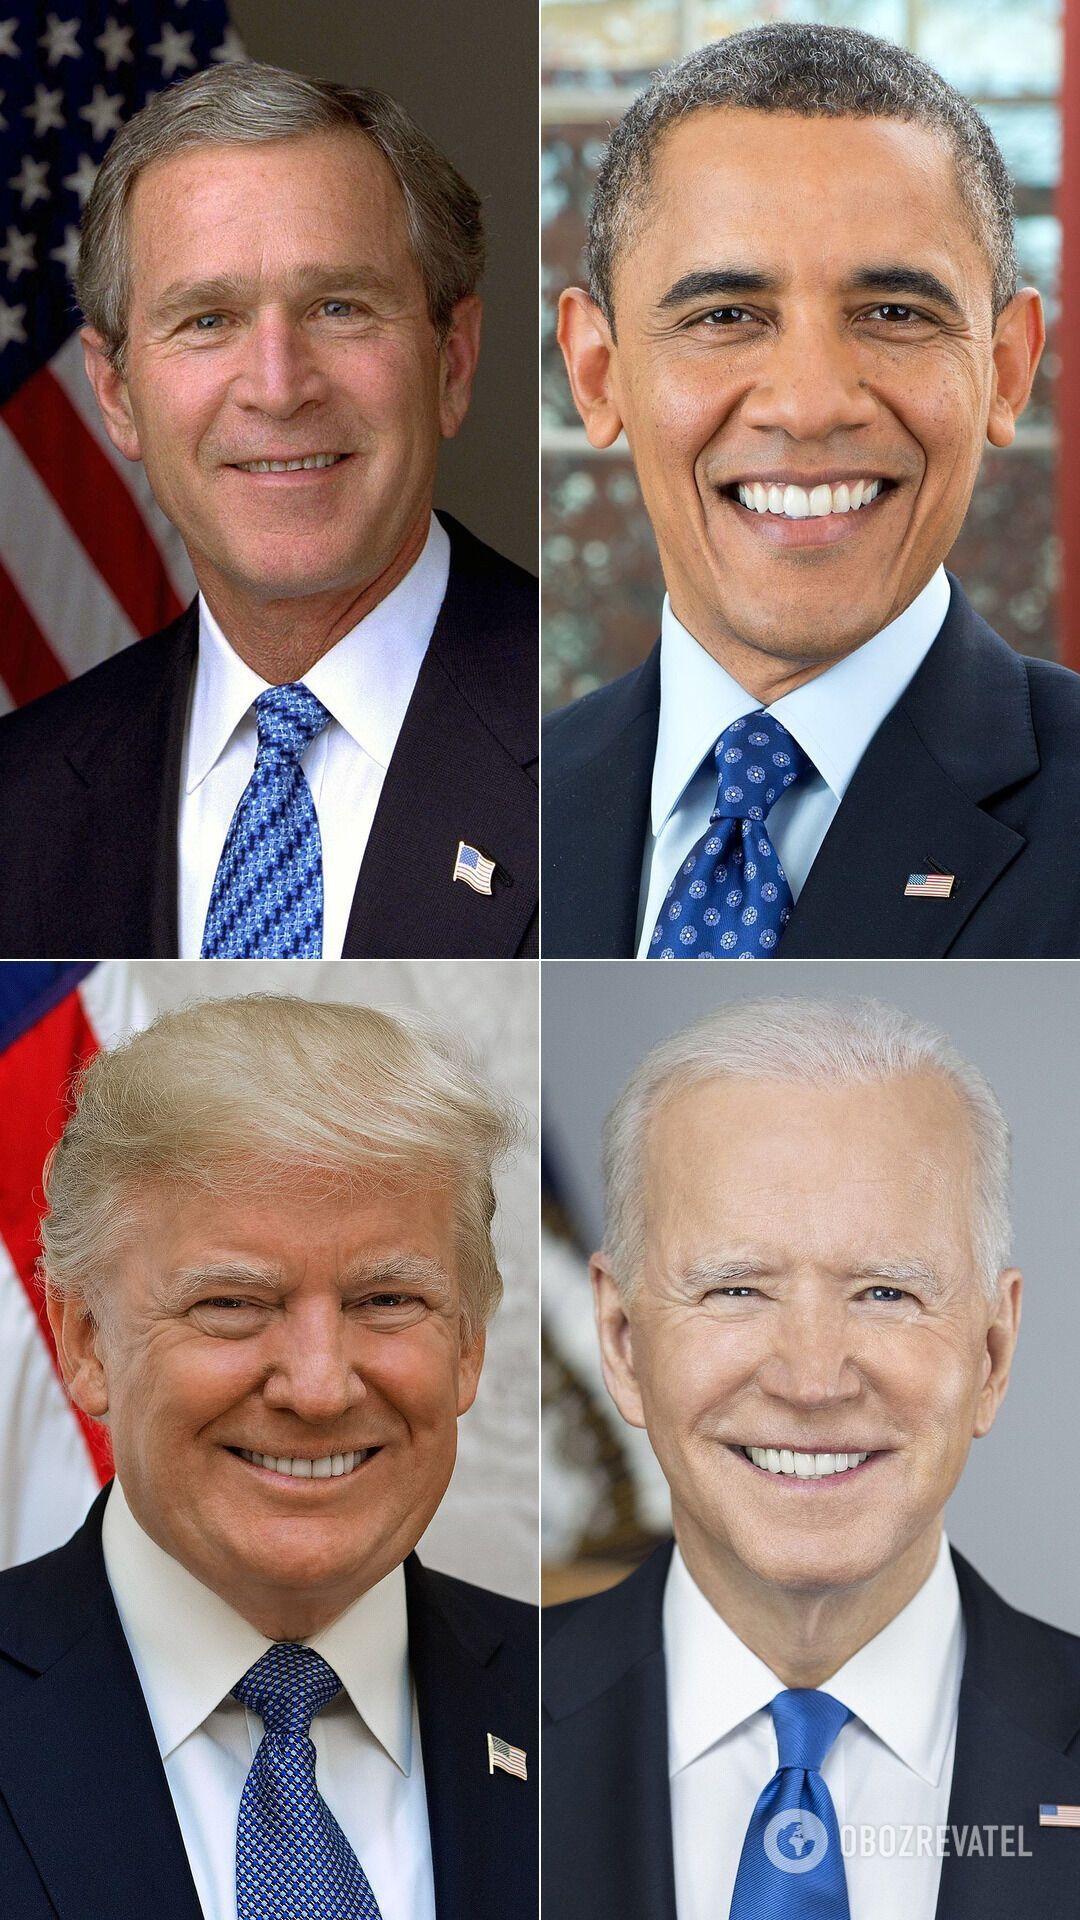 Джордж Буш; Барак Обама; Дональд Трамп; Джо Байден